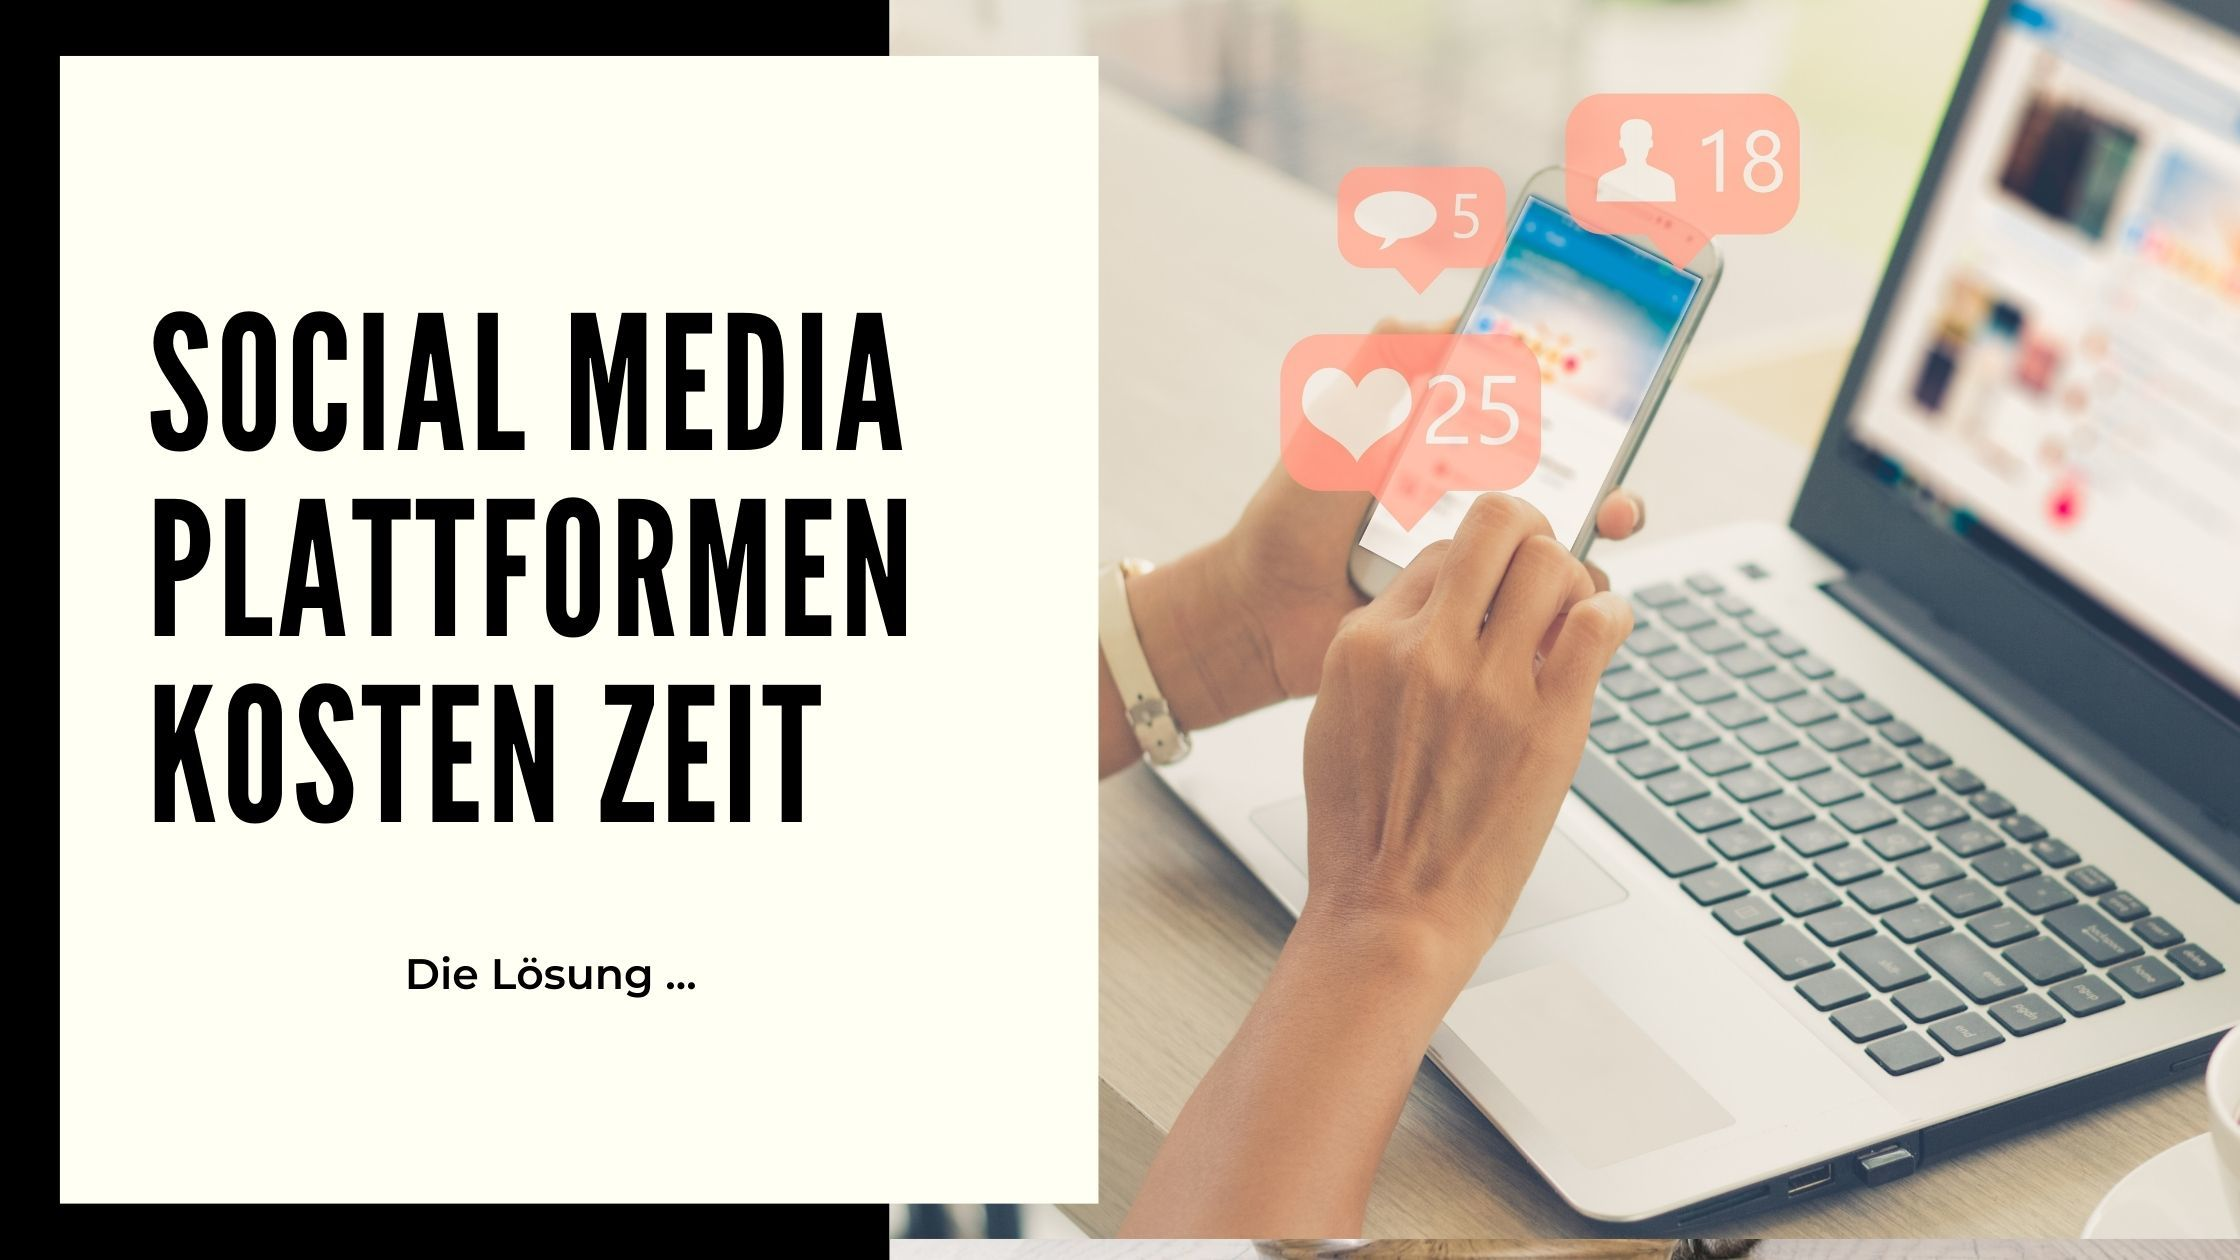 Social Media Plattformen und die liebe Zeit